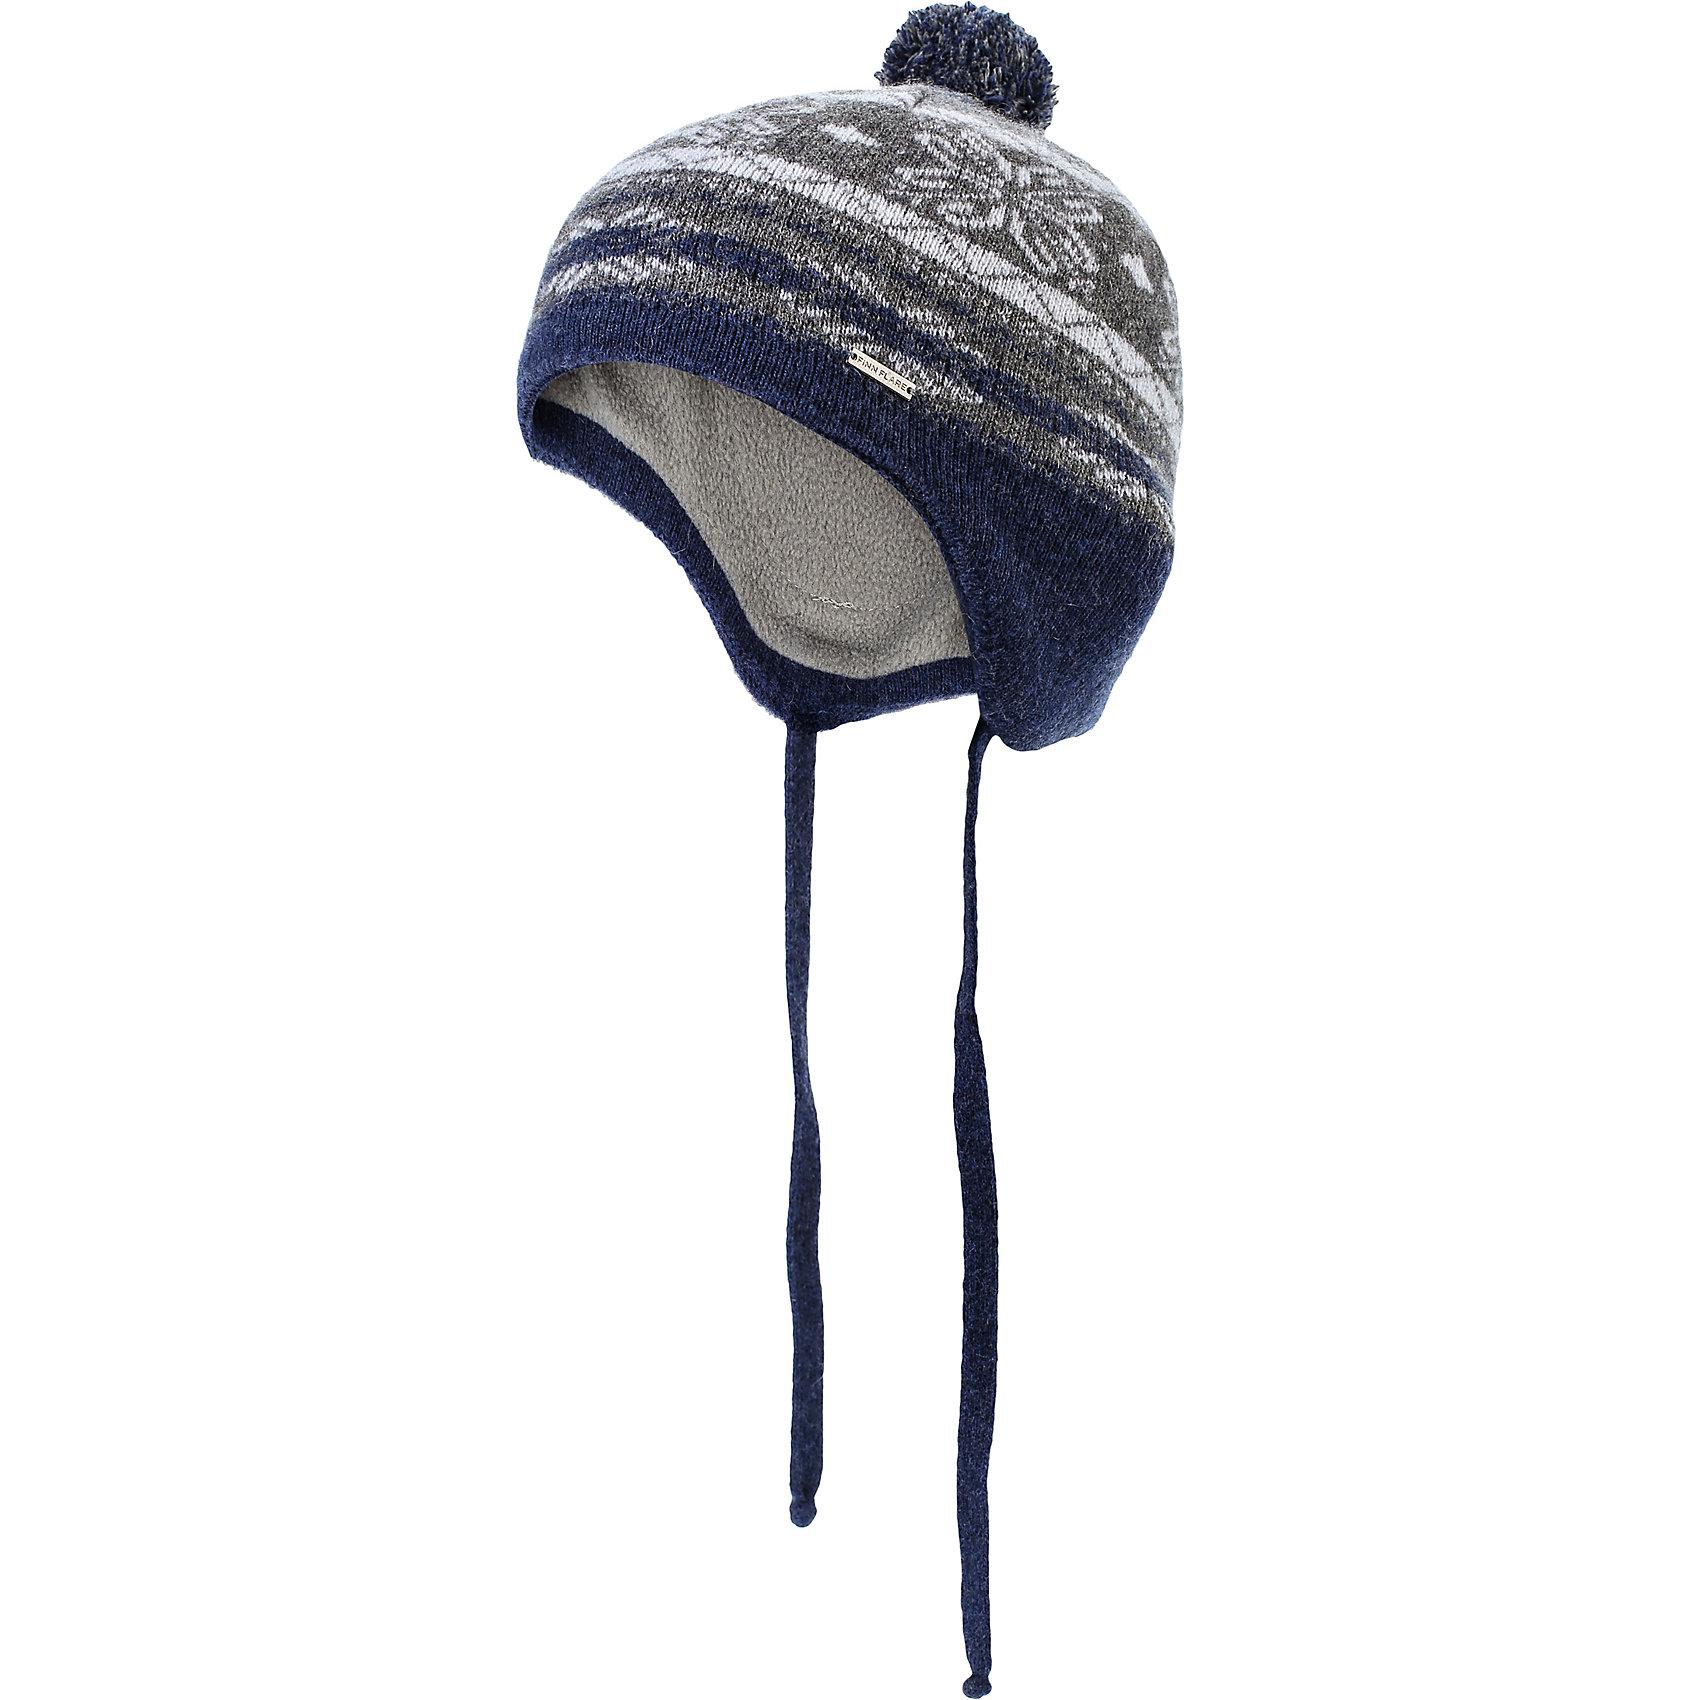 Шапка для мальчика Finn FlareШапка известной марки Finn Flare.<br><br>Детская шапка на подкладке дополнена завязками, которые позволяют хорошо надеть шапку и туго ее завязать, чтобы надежно защитить ребенка от воздействия холодного ветра. Удлиненный мыс шапки в задней ее части дополнительно защищает и шею ребенка. Шапка украшена помпоном, декорирована принтом «снежинки и ромбы». Надевать шапку рекомендуется в период осенних холодов. <br><br>Состав: 80% шерсть, 20% нейлон<br>Подкладка: 100% полиэстер<br><br>Шапку для мальчика Finn Flare можно купить в нашем интернет-магазине.<br><br>Ширина мм: 89<br>Глубина мм: 117<br>Высота мм: 44<br>Вес г: 155<br>Цвет: серый<br>Возраст от месяцев: 48<br>Возраст до месяцев: 60<br>Пол: Мужской<br>Возраст: Детский<br>Размер: 52<br>SKU: 4890394